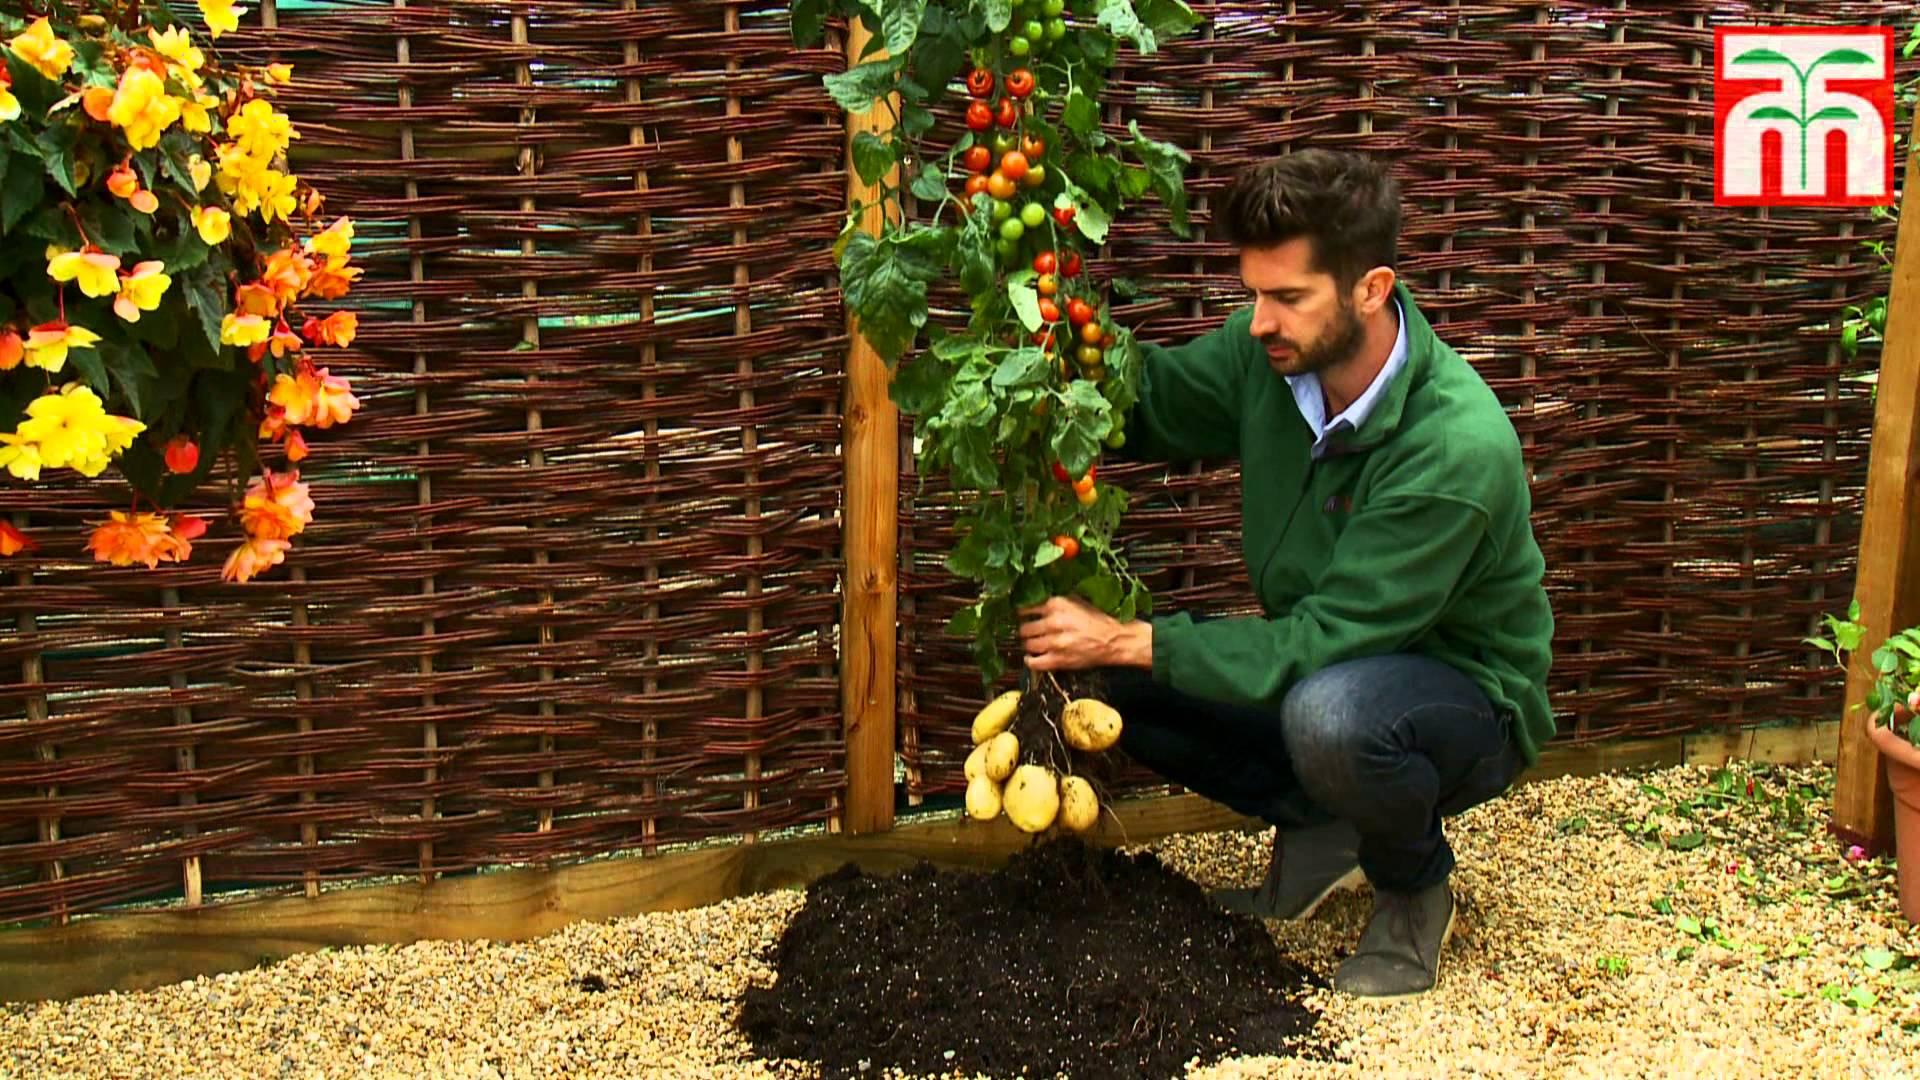 Урожай помидоров и картофеля с одного куста